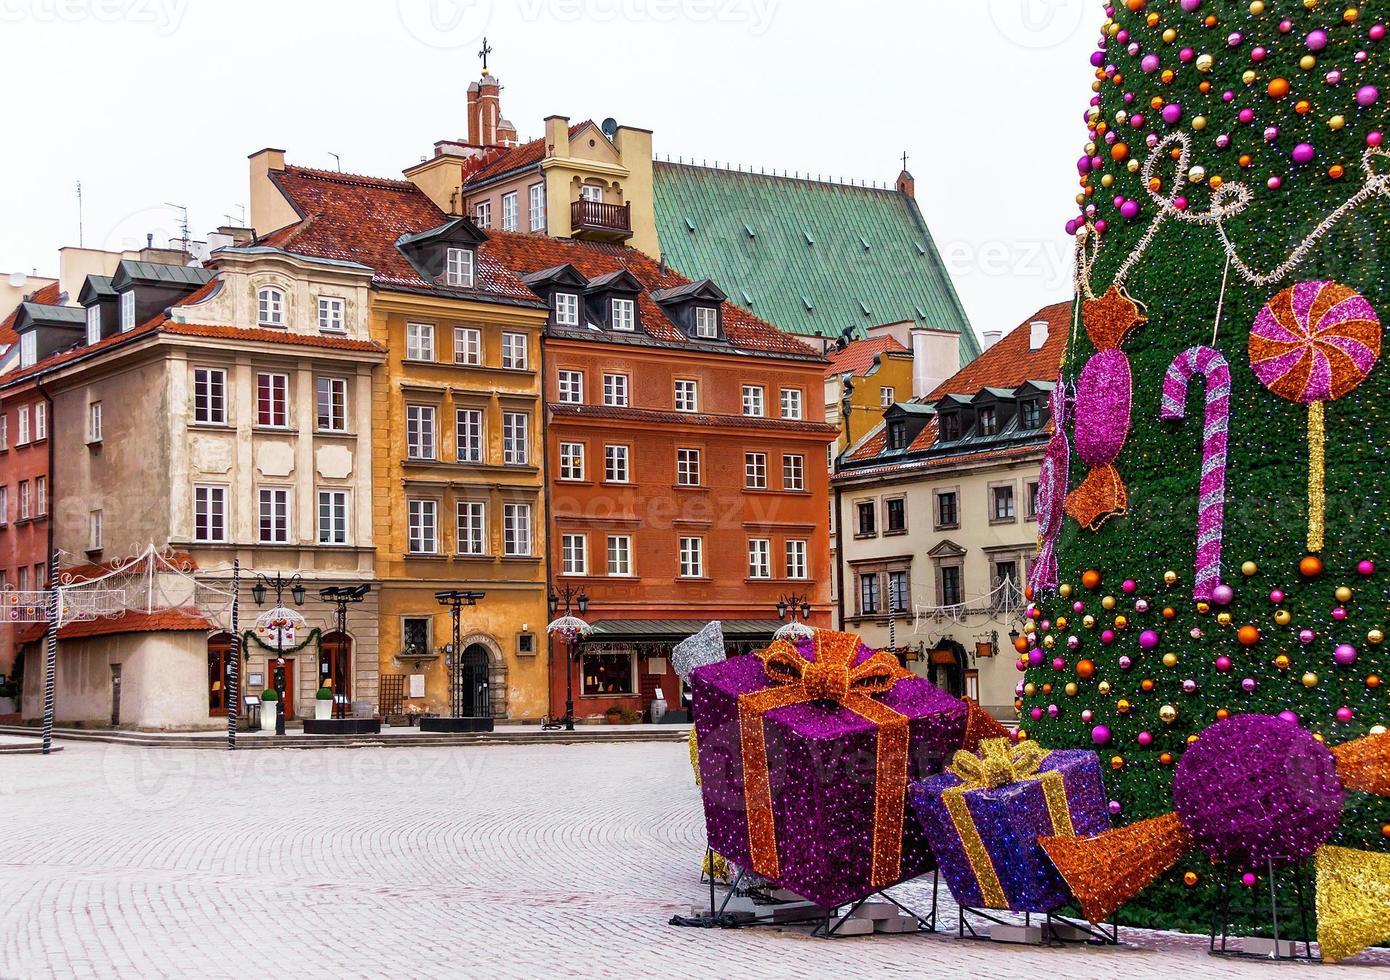 slottstorget i Warszawa med medeltida hus, julgran. foto